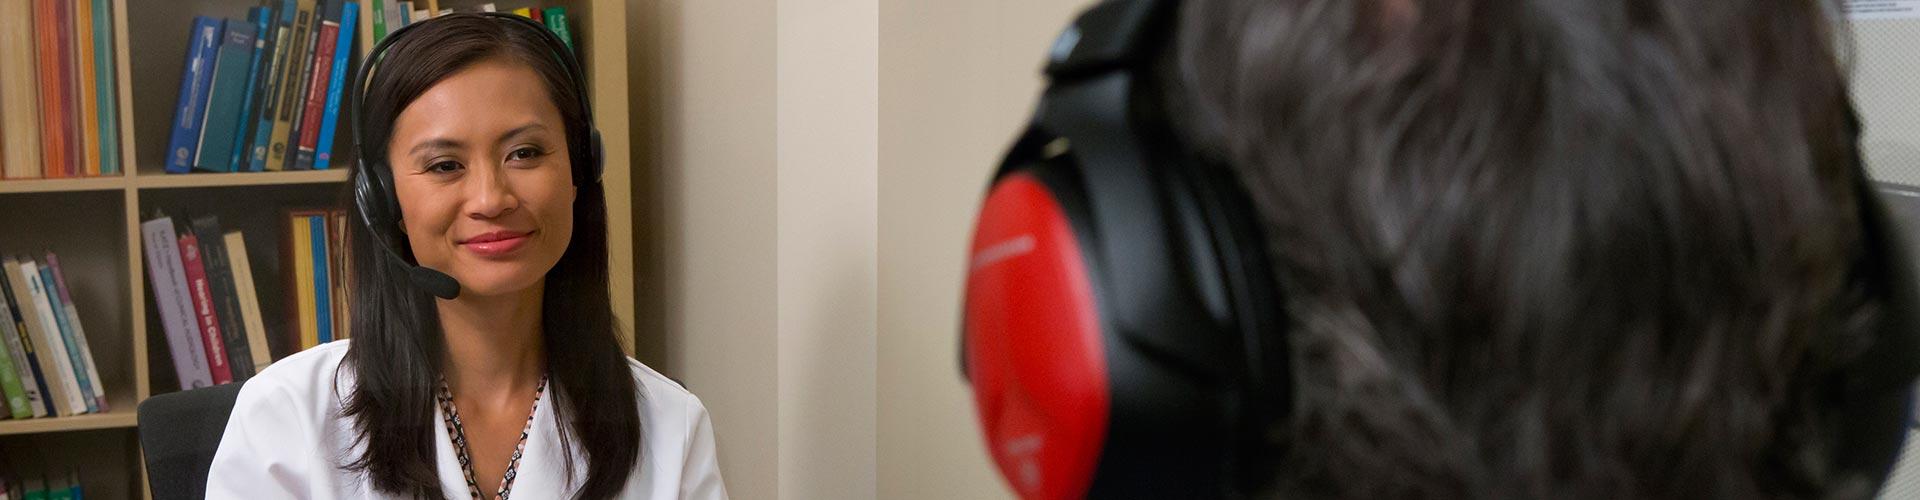 Audiologist testing patient